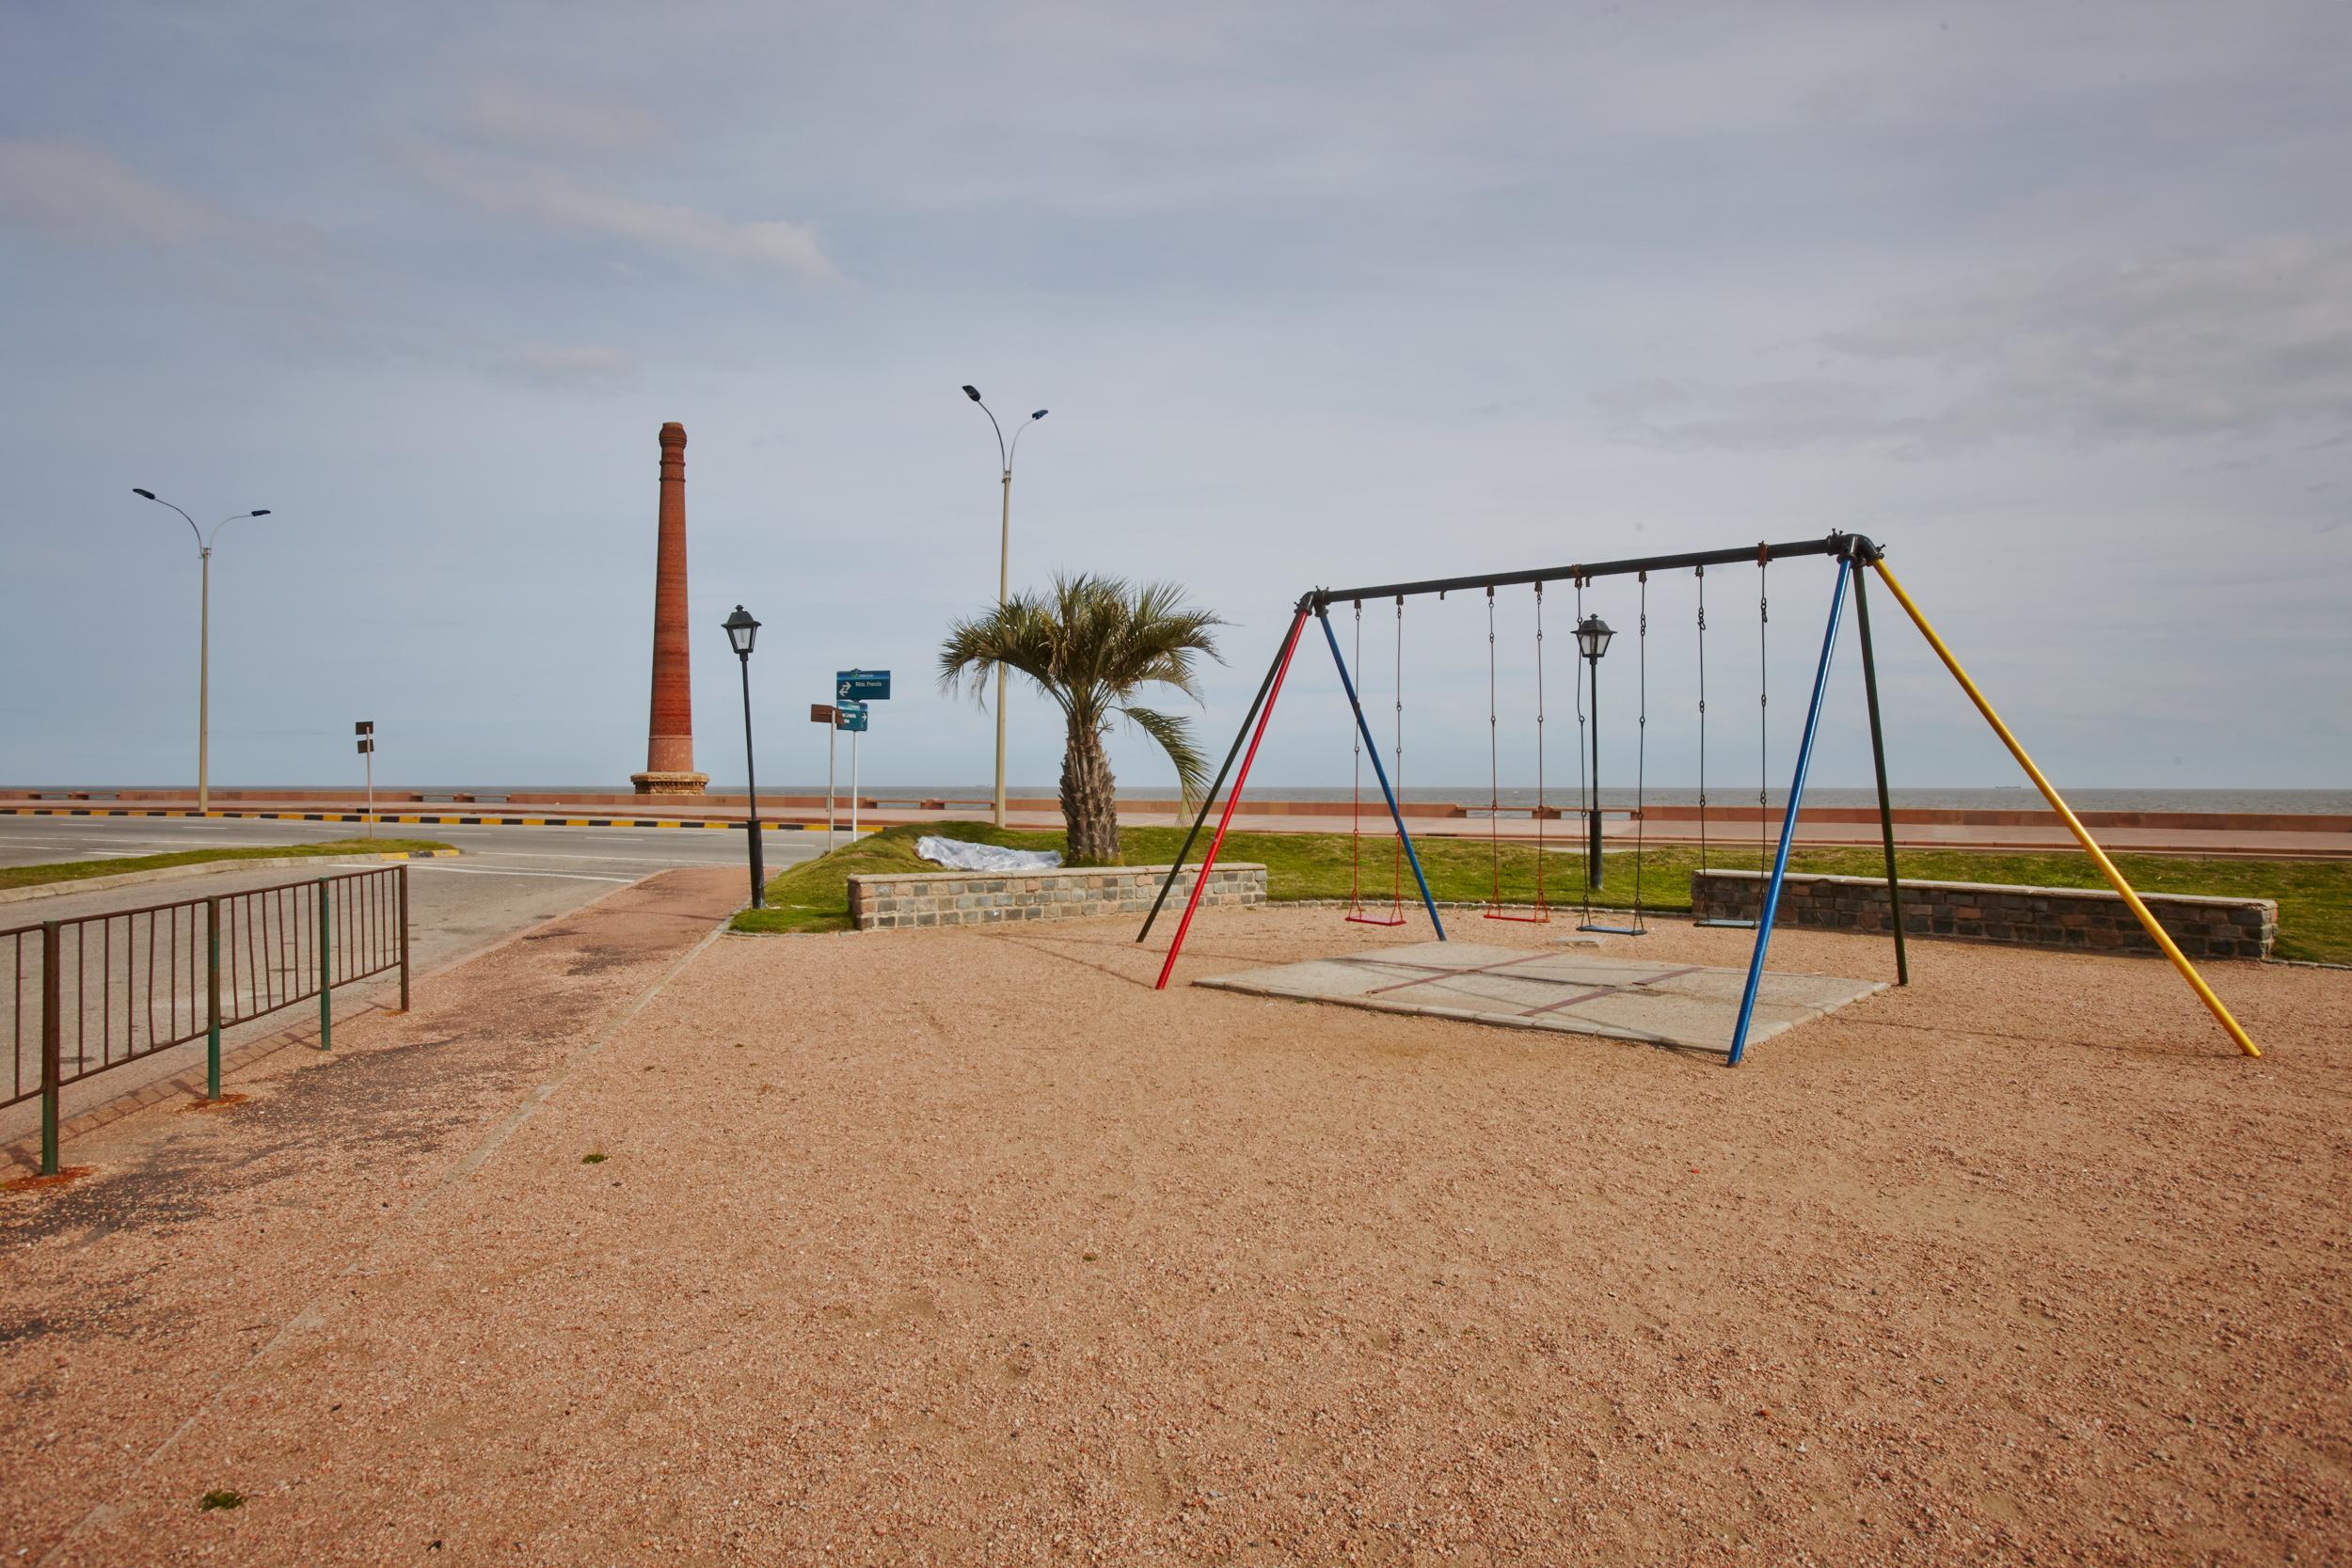 Montevideo_0251.jpg